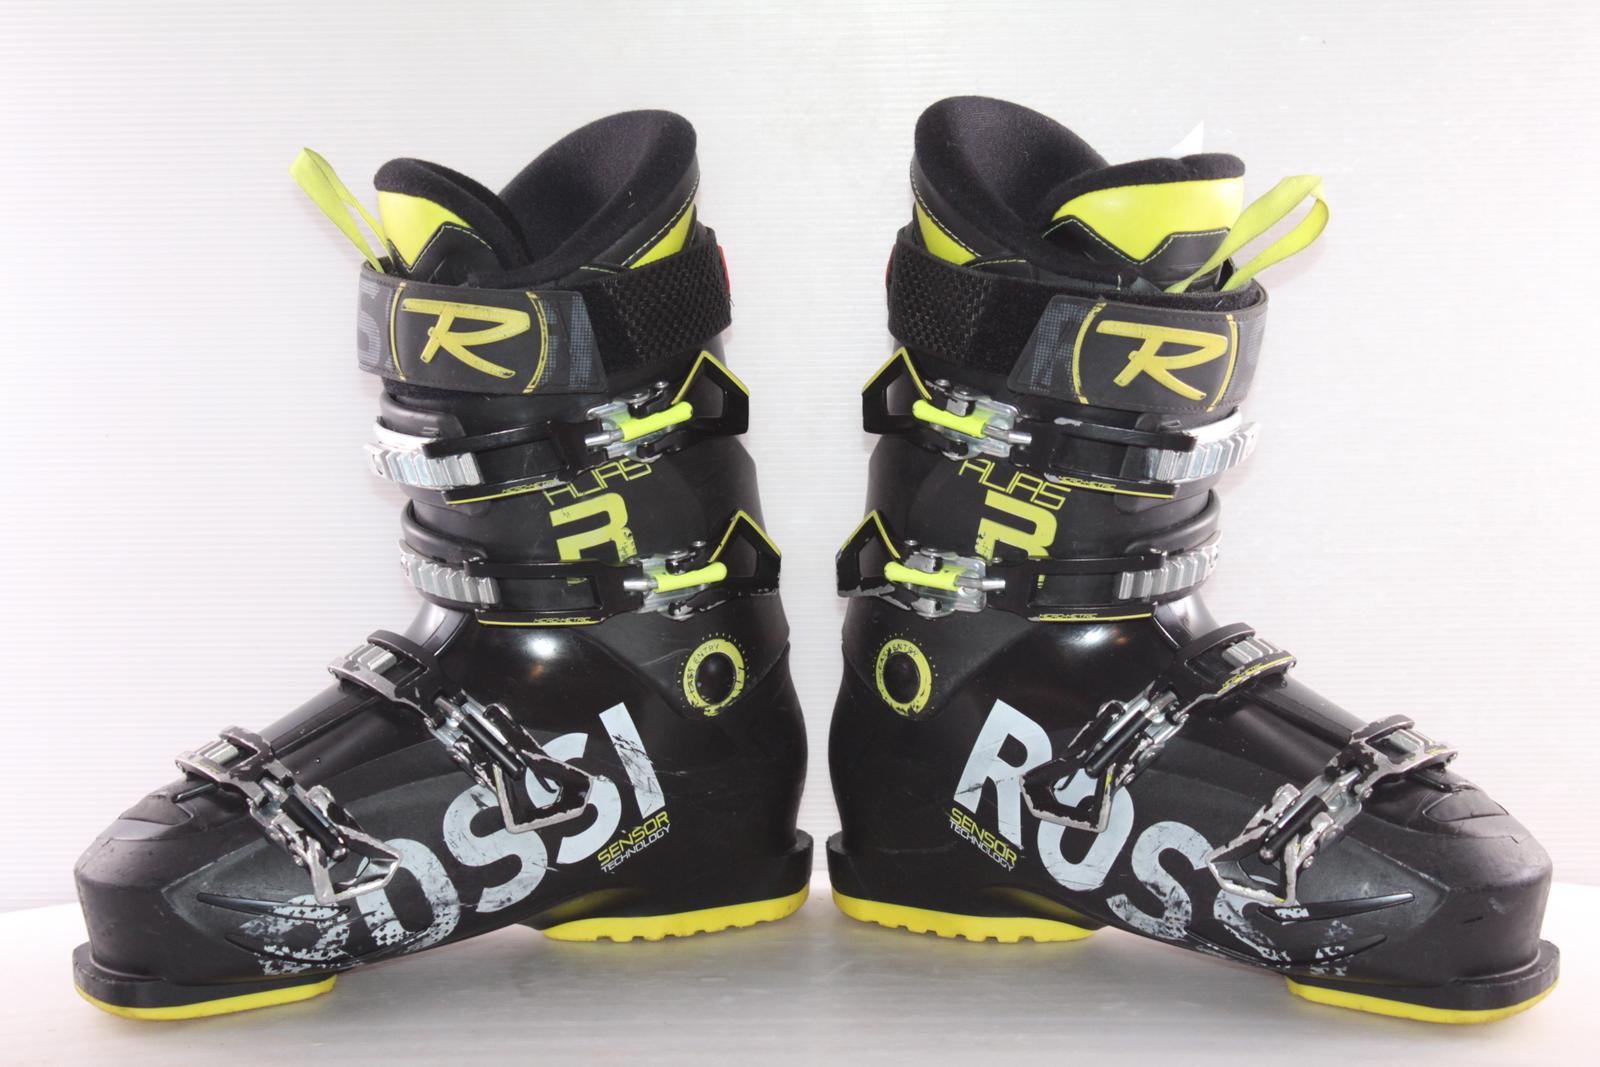 Lyžařské boty Rossignol Alias R vel. EU42.5 flexe 90